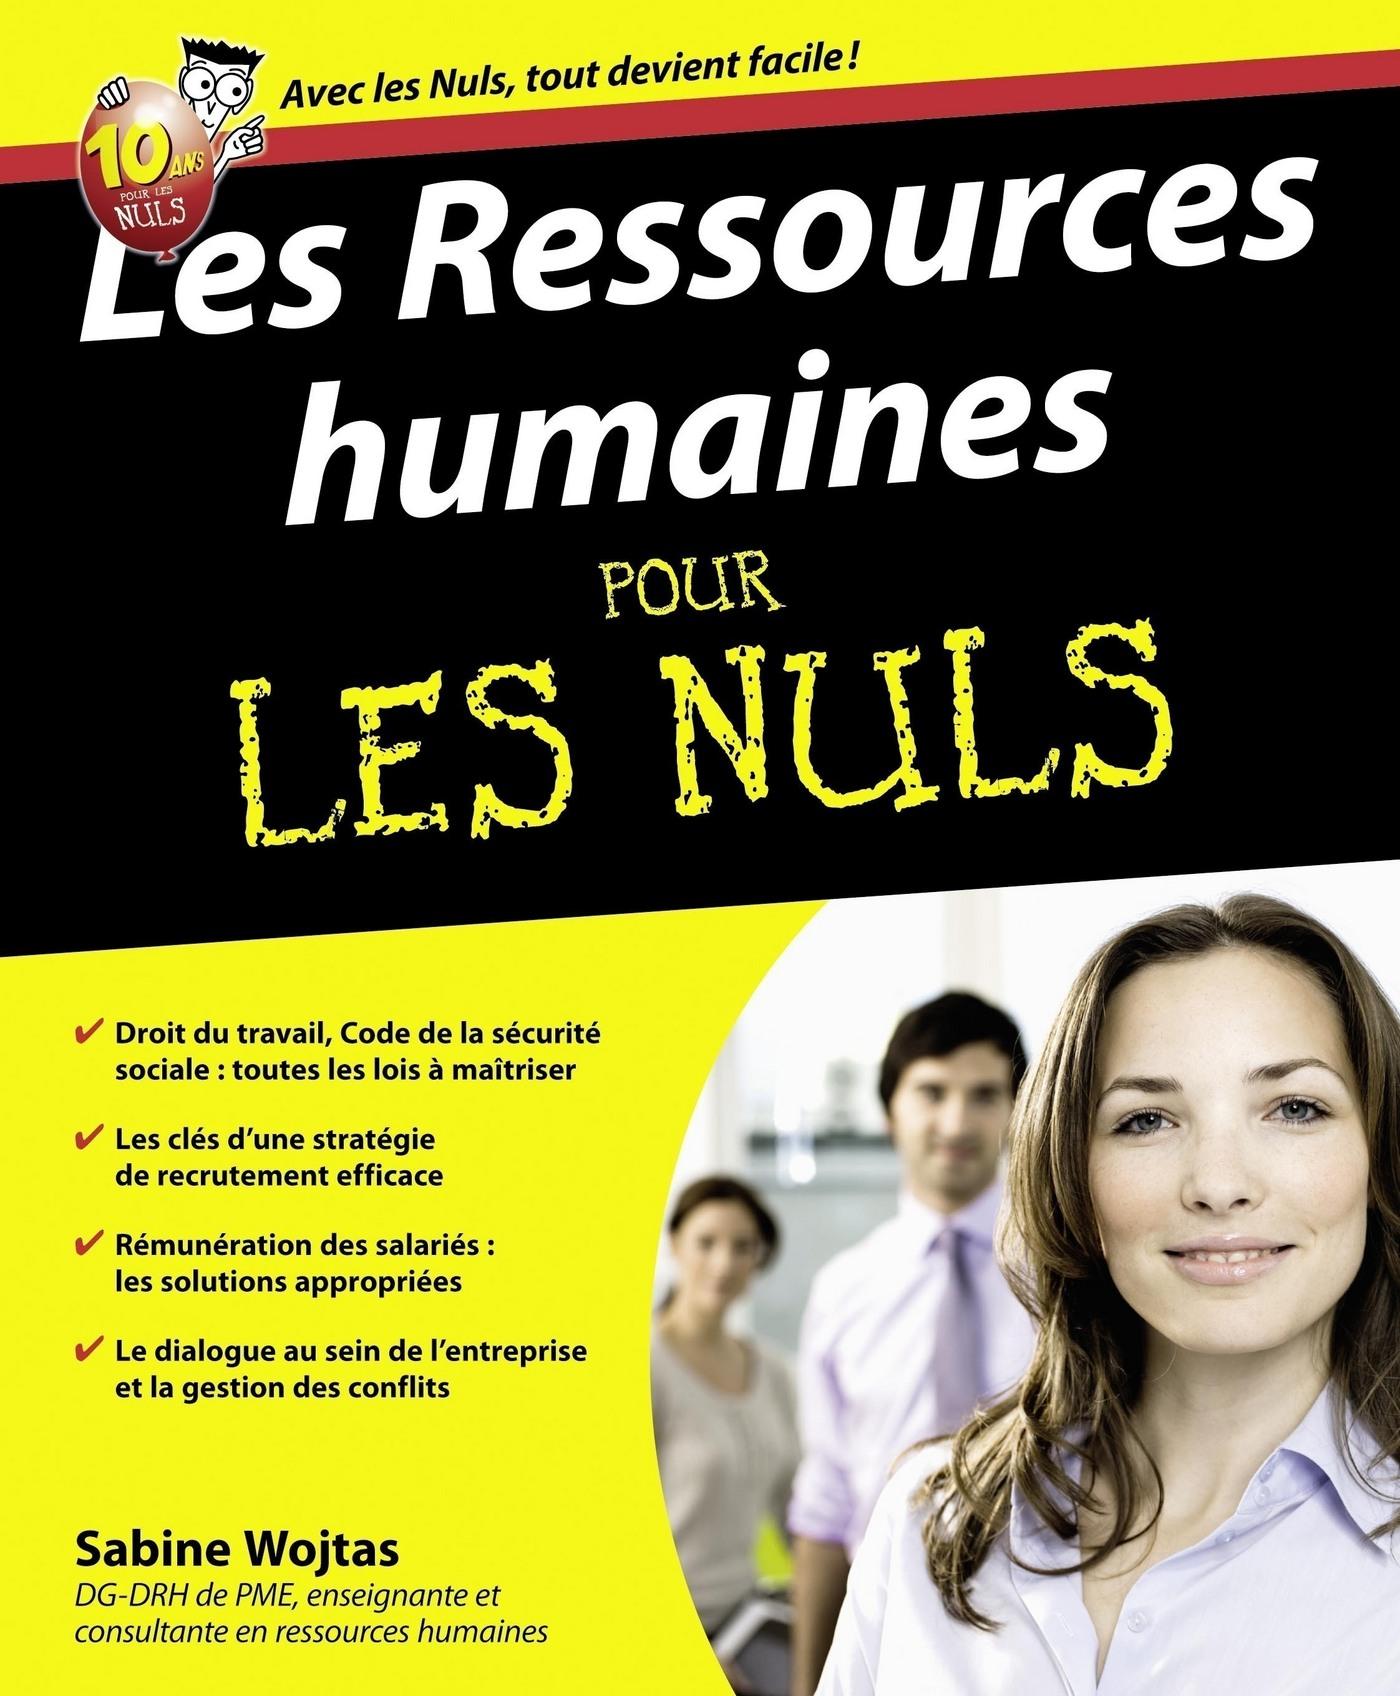 Les ressources humaines Pour les Nuls (ebook)